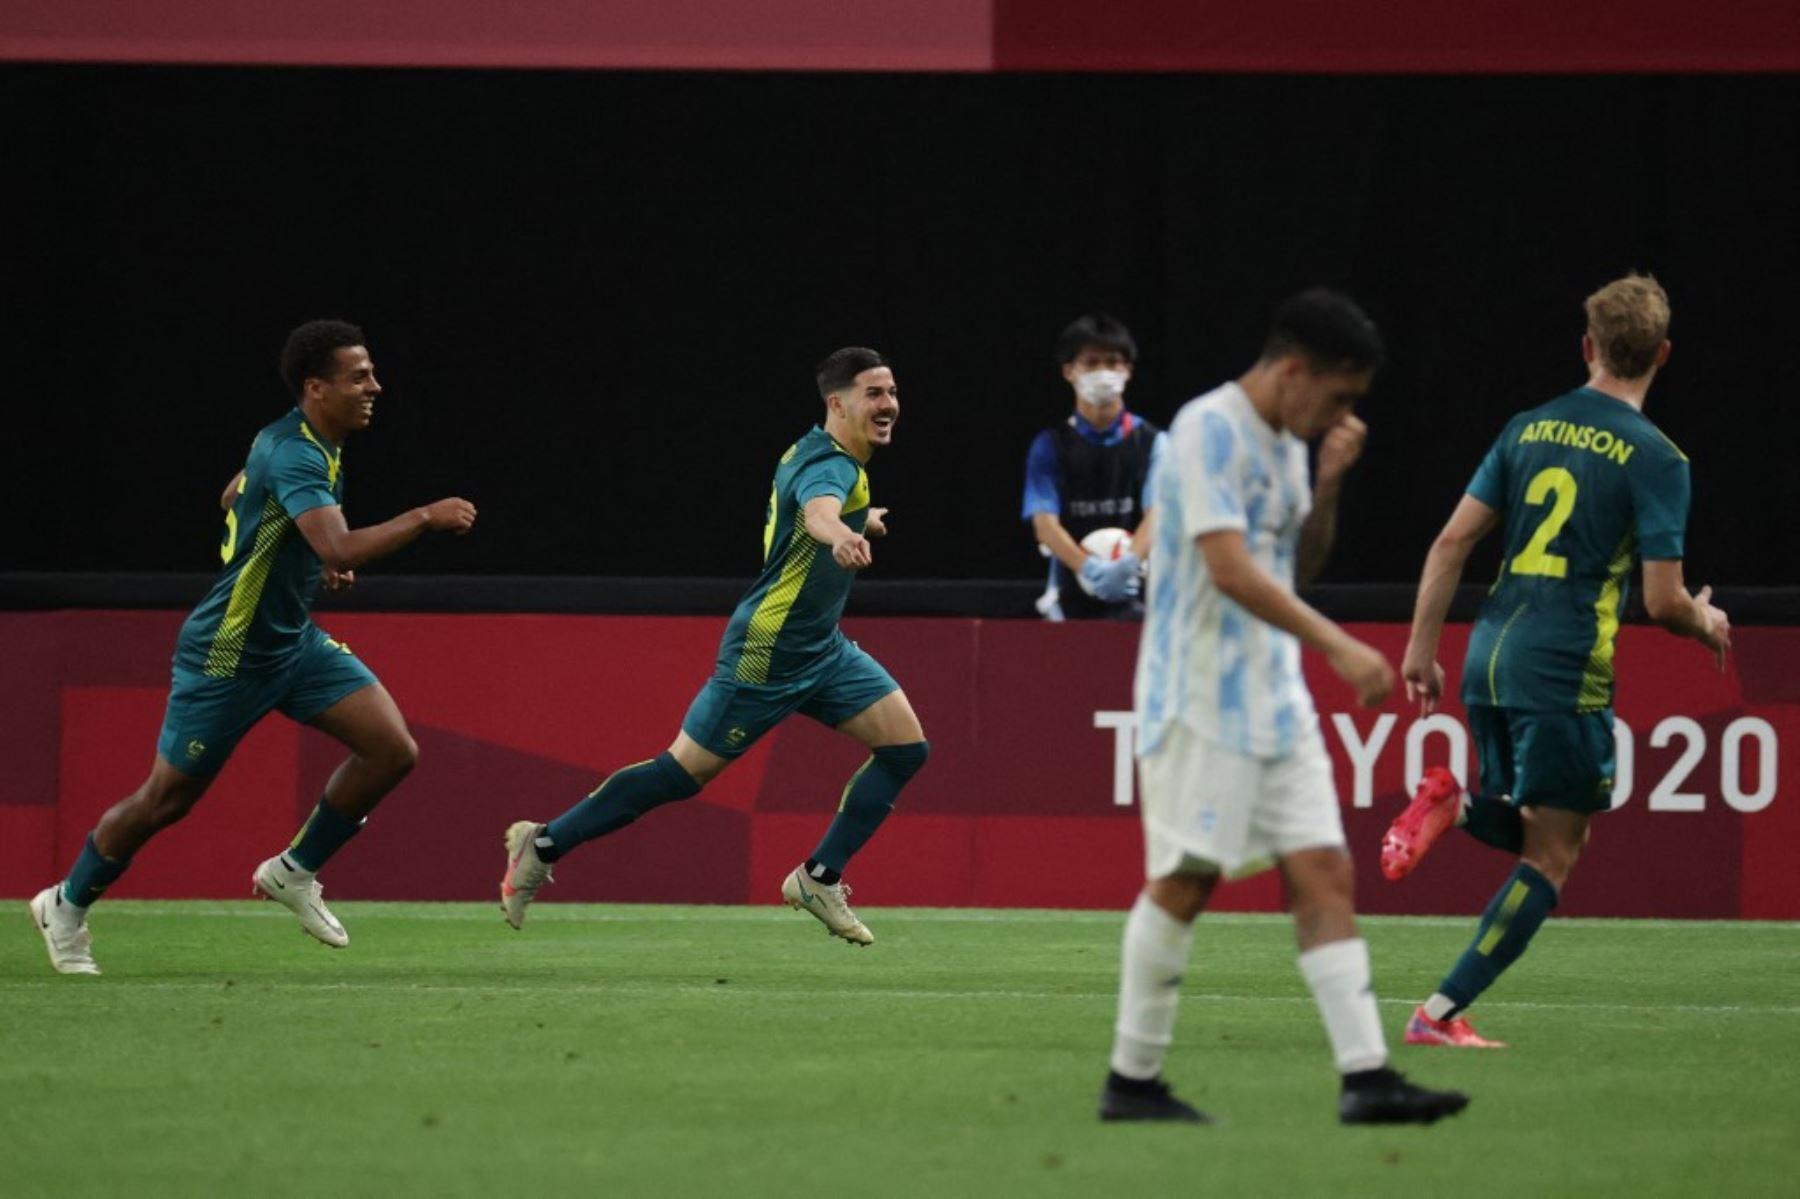 Tokio 2020: Argentina se estrella contra Australia y cae 2-0